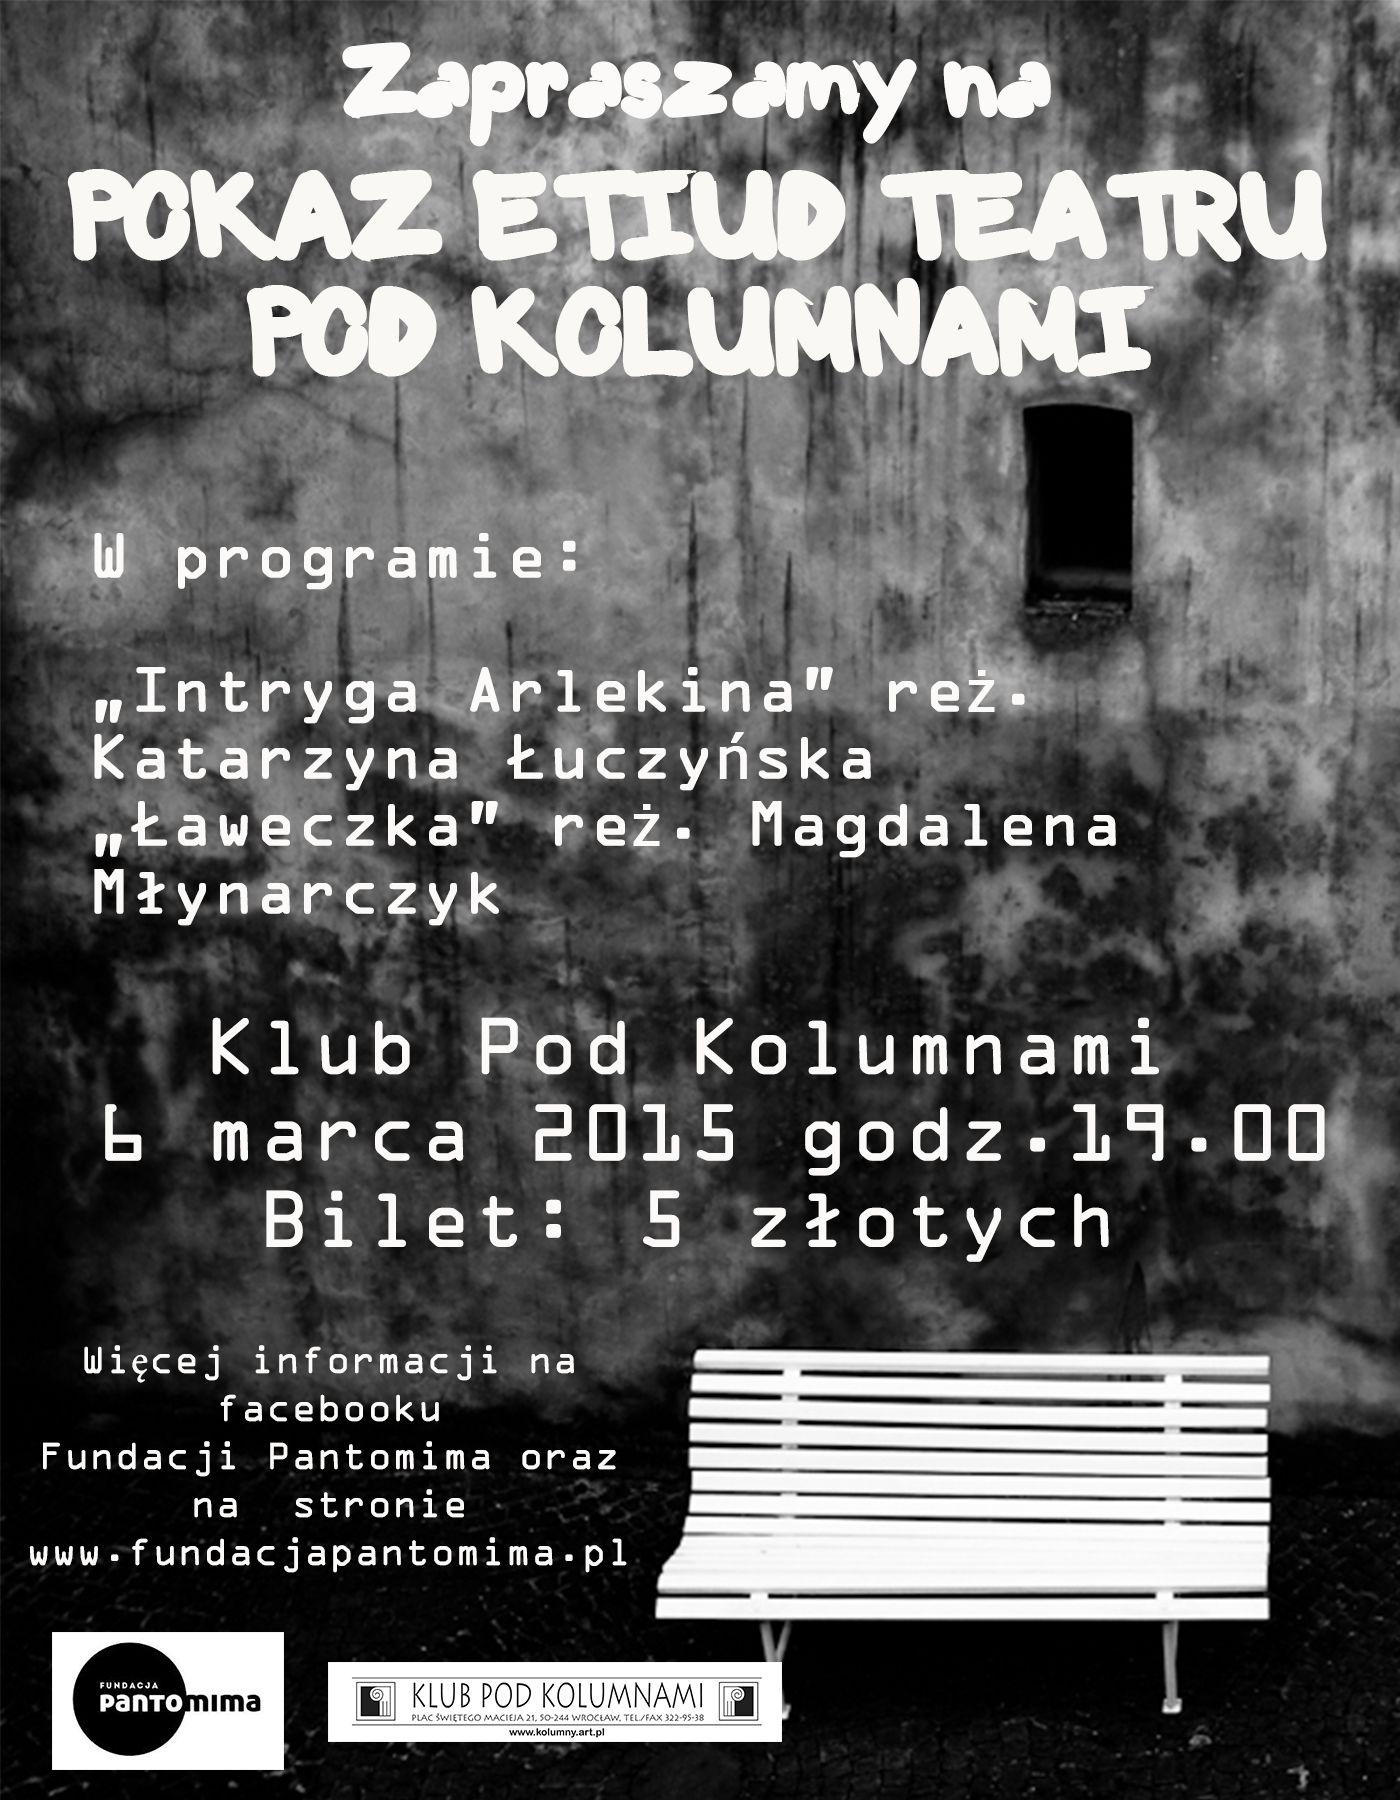 Premierowe spektakle Fundacji Pantomima we wrocławskim Klubie Pod Kolumnami